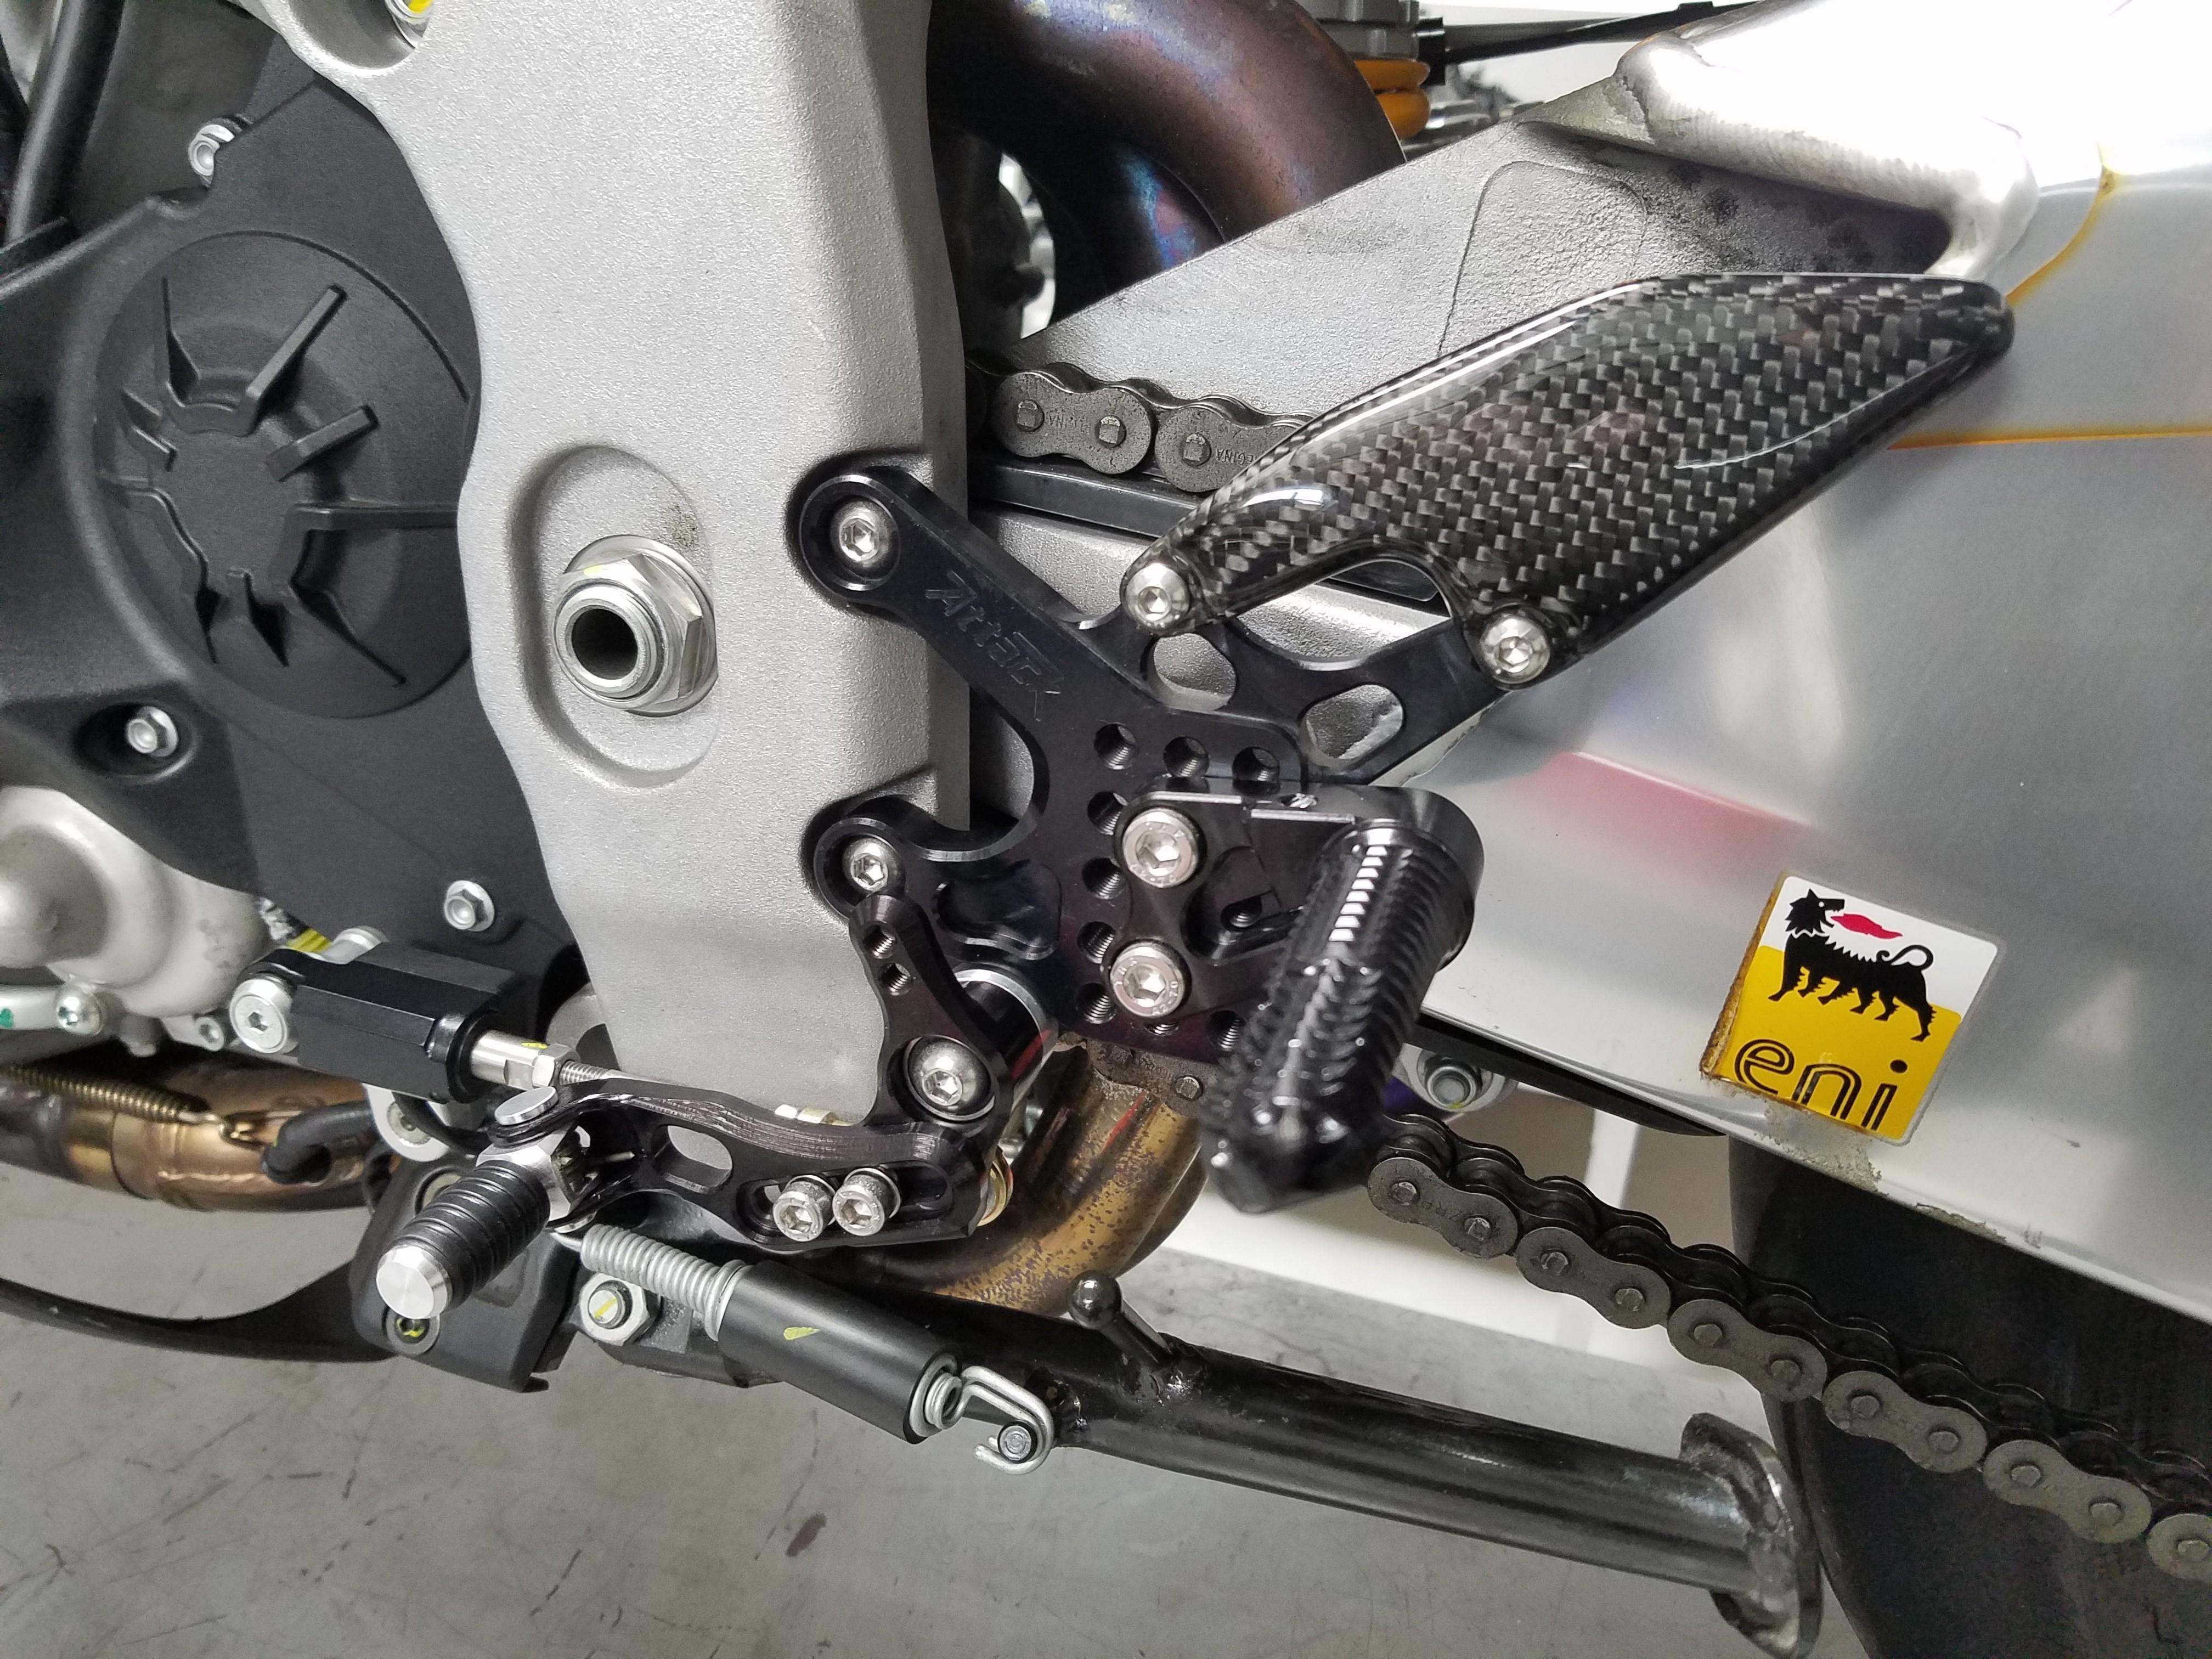 Attack Performance Aprilia RSV4 / Tuono 1100 Rearsets